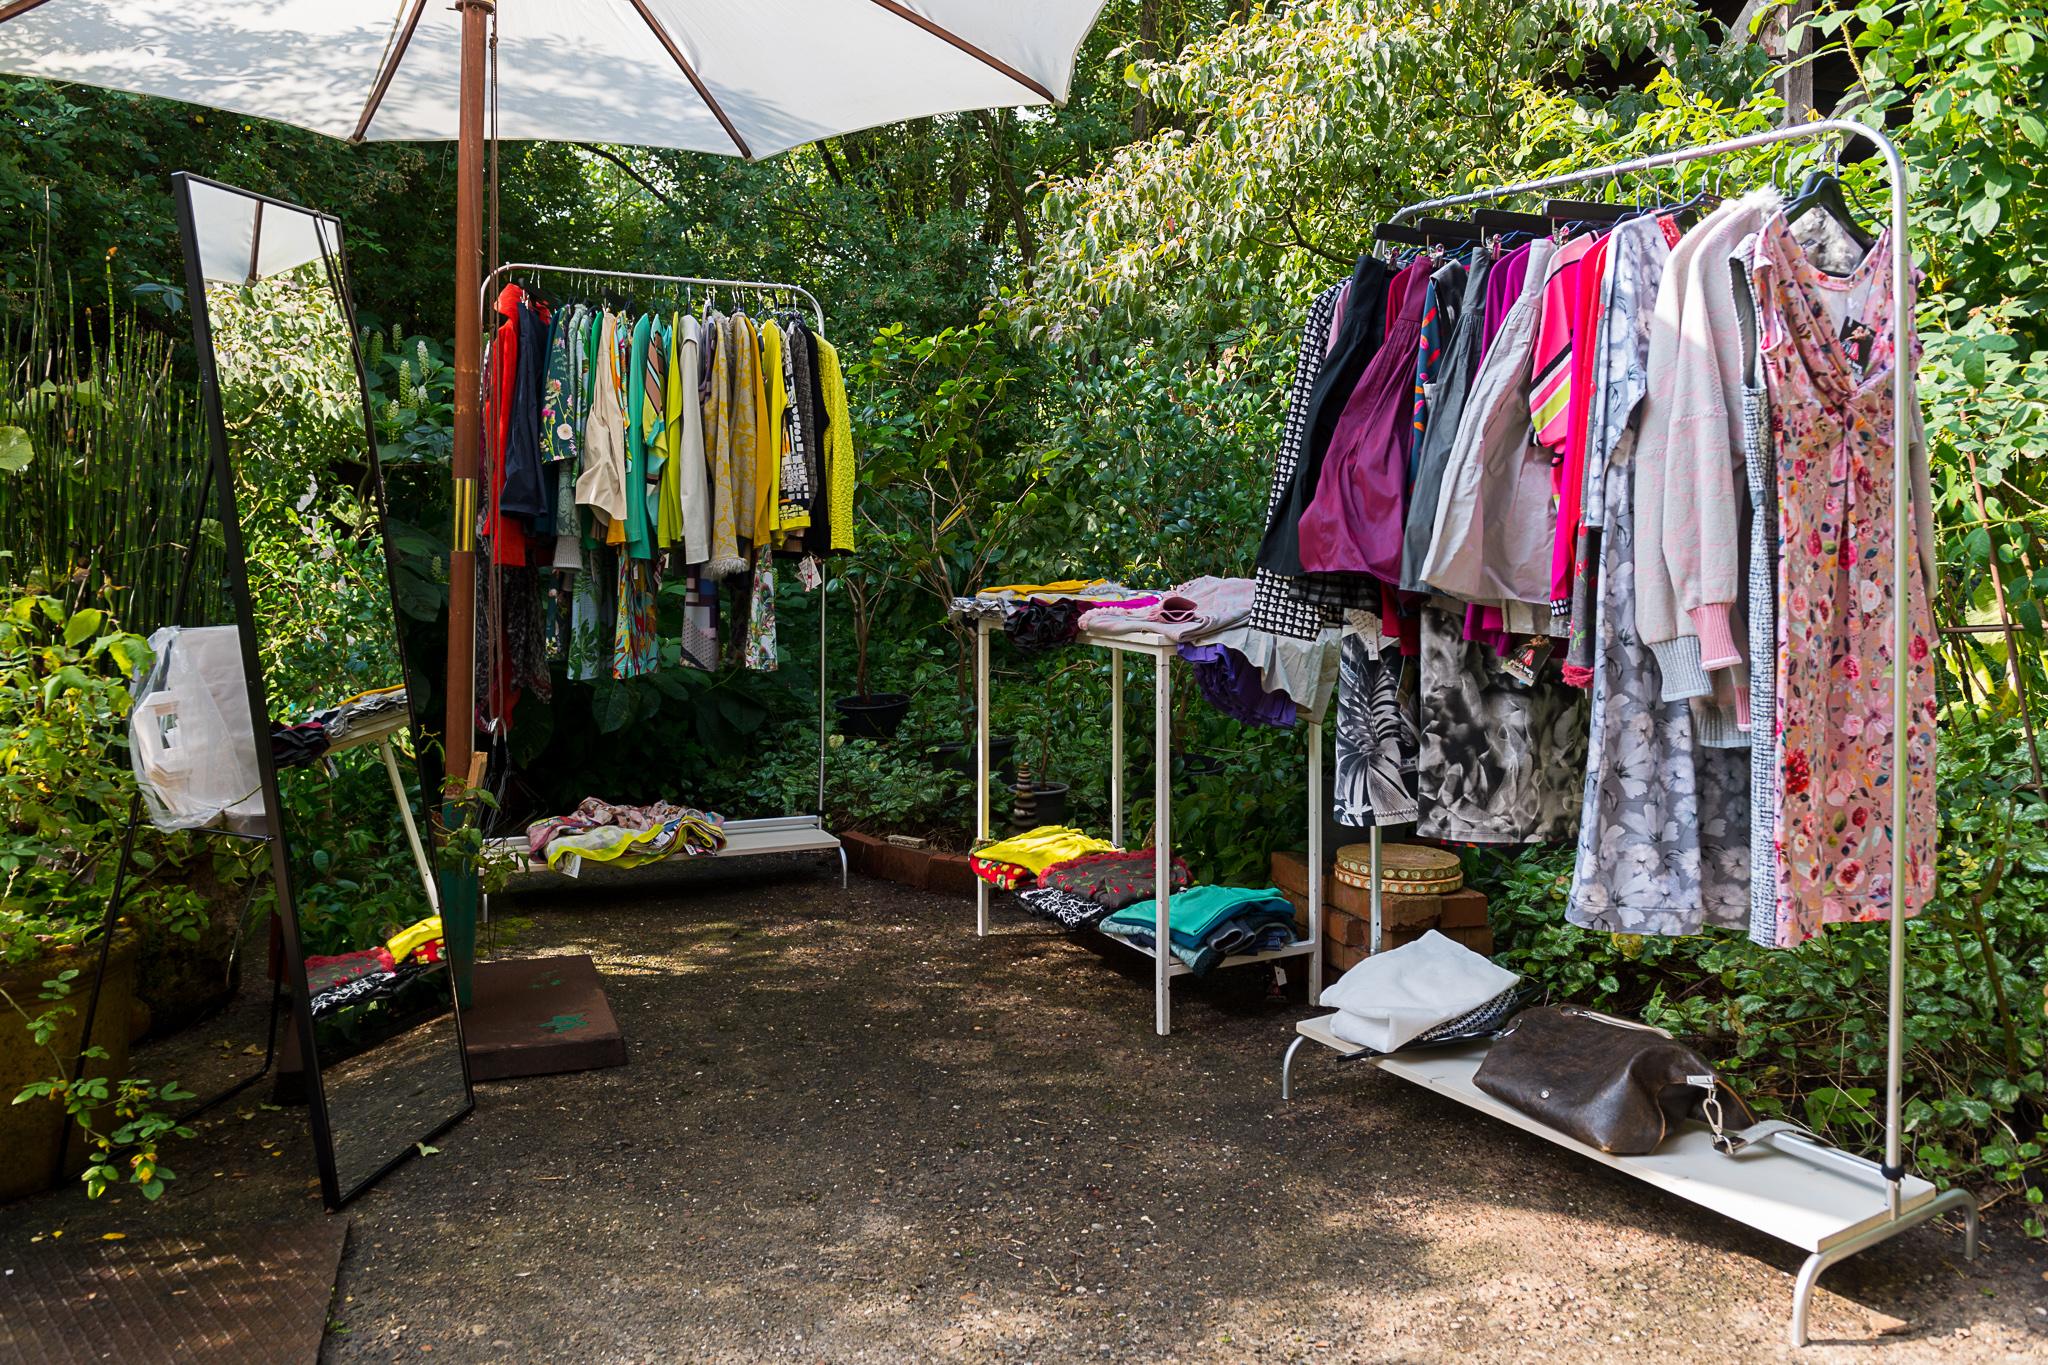 Terrassenlogenplatz für die Kleiderständer von Gisela Berg